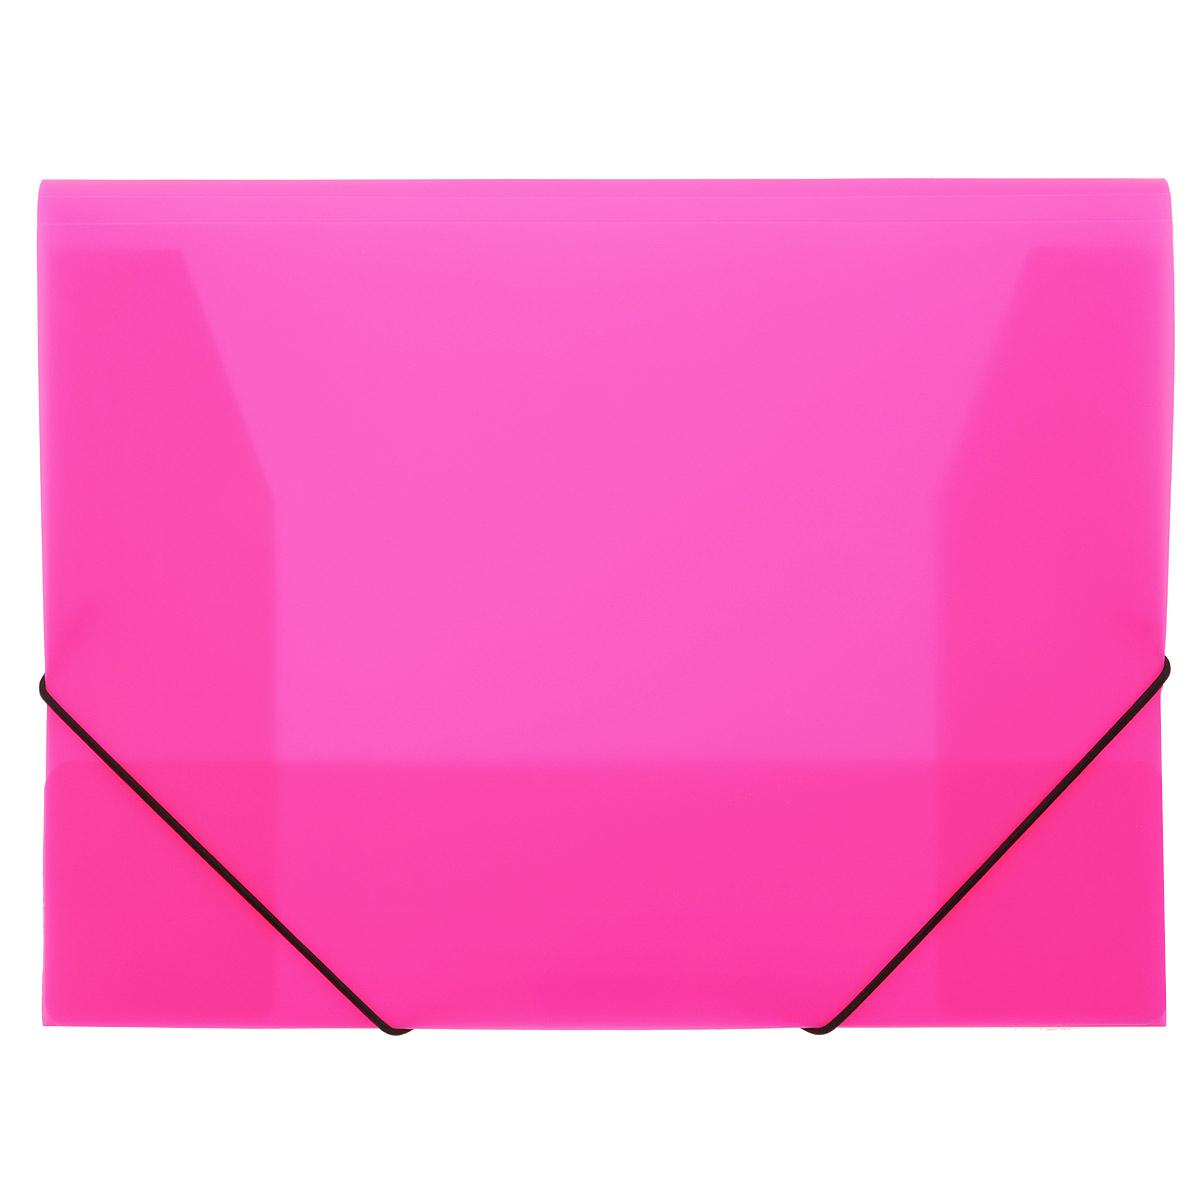 Папка на резинках Erich Krause, цвет: розовый. Формат А431018Практичная папка на резинках Erich Krause пригодится в каждом офисе для хранения документов. Папка выполнена из пластика и надежно закрывается с помощью двух эластичных угловых резинок. Папка с тремя клапанами надежно сохраняет документы от повреждений и пыли. Вмещает большое количество документовБлагодаря использованию качественных материалов, безупречных технологий обработки и высокой функциональности, эти стильные изделия выдержат даже самый напряженный рабочий день.